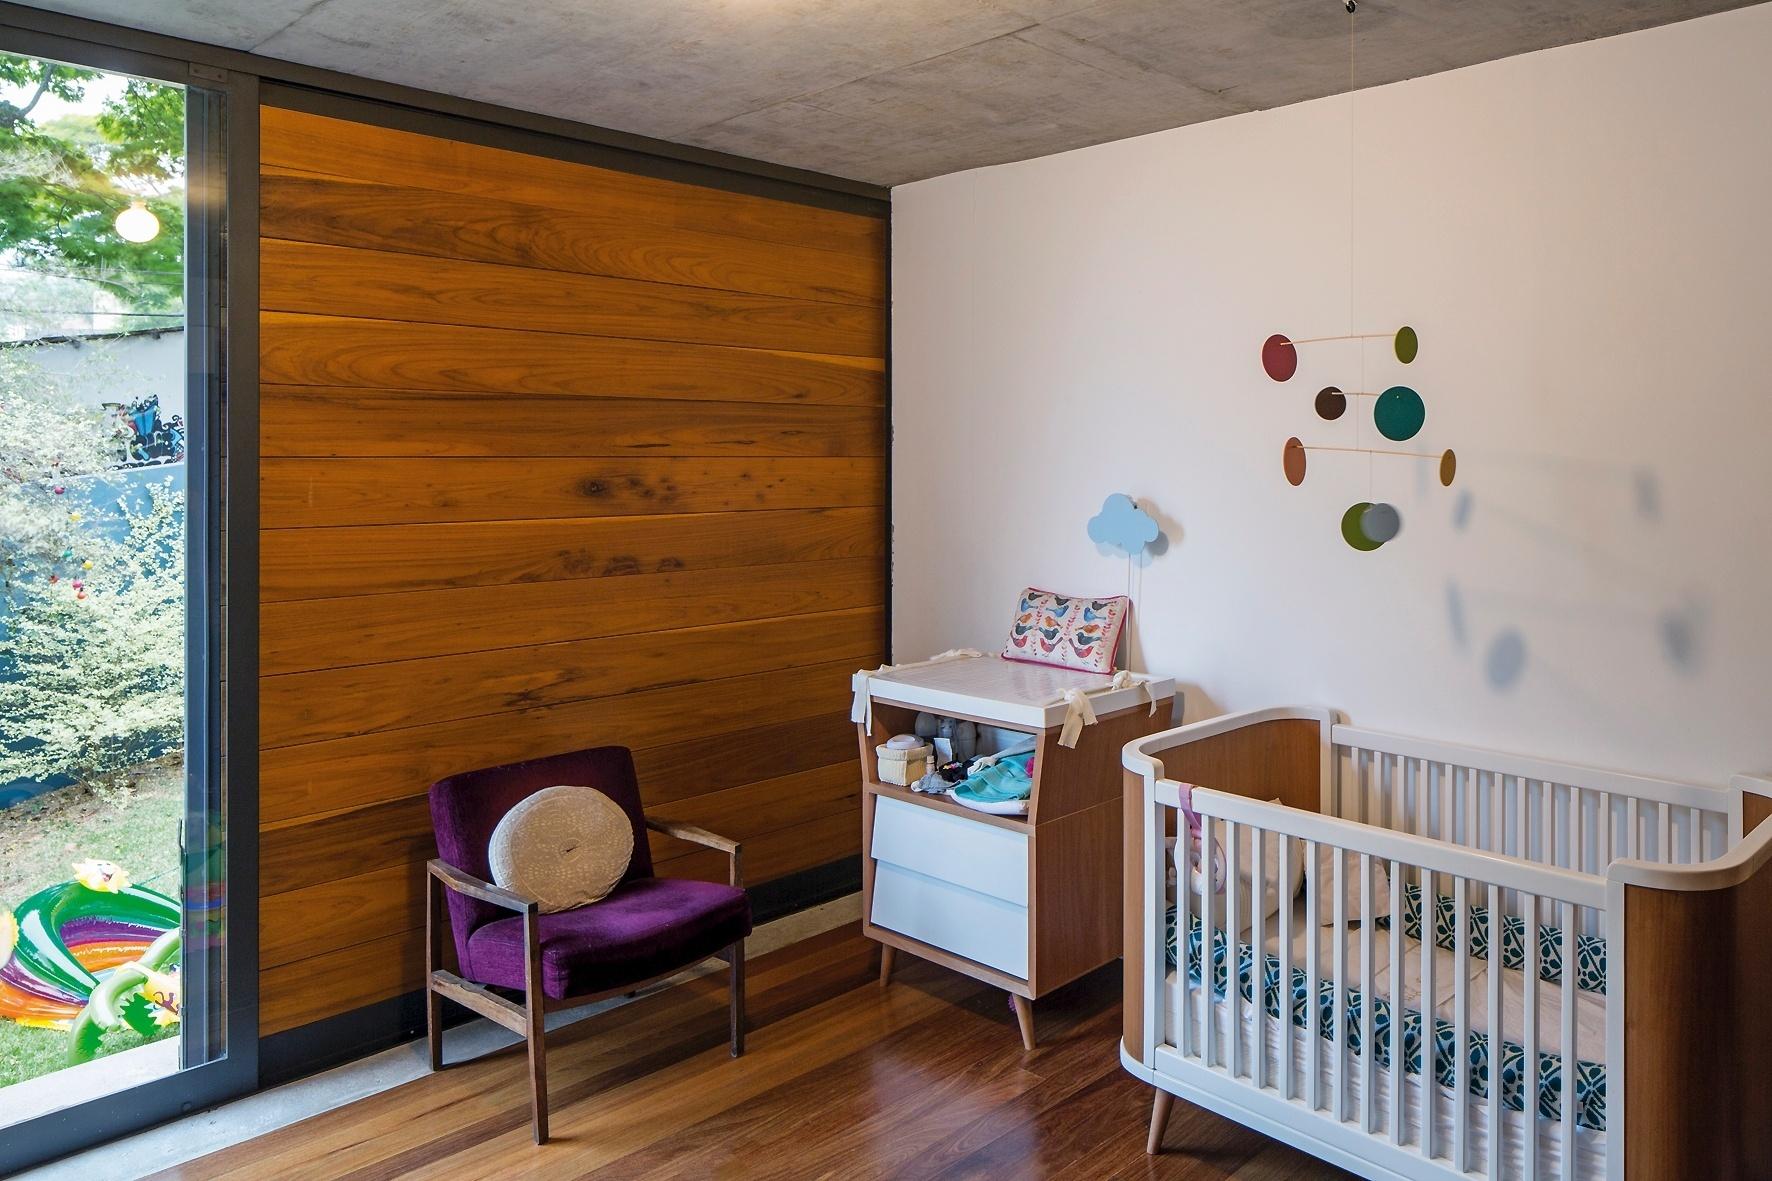 #784010 Confira sugestões para decorar o quarto de bebês e crianças BOL  626 Janelas Madeira Quarto